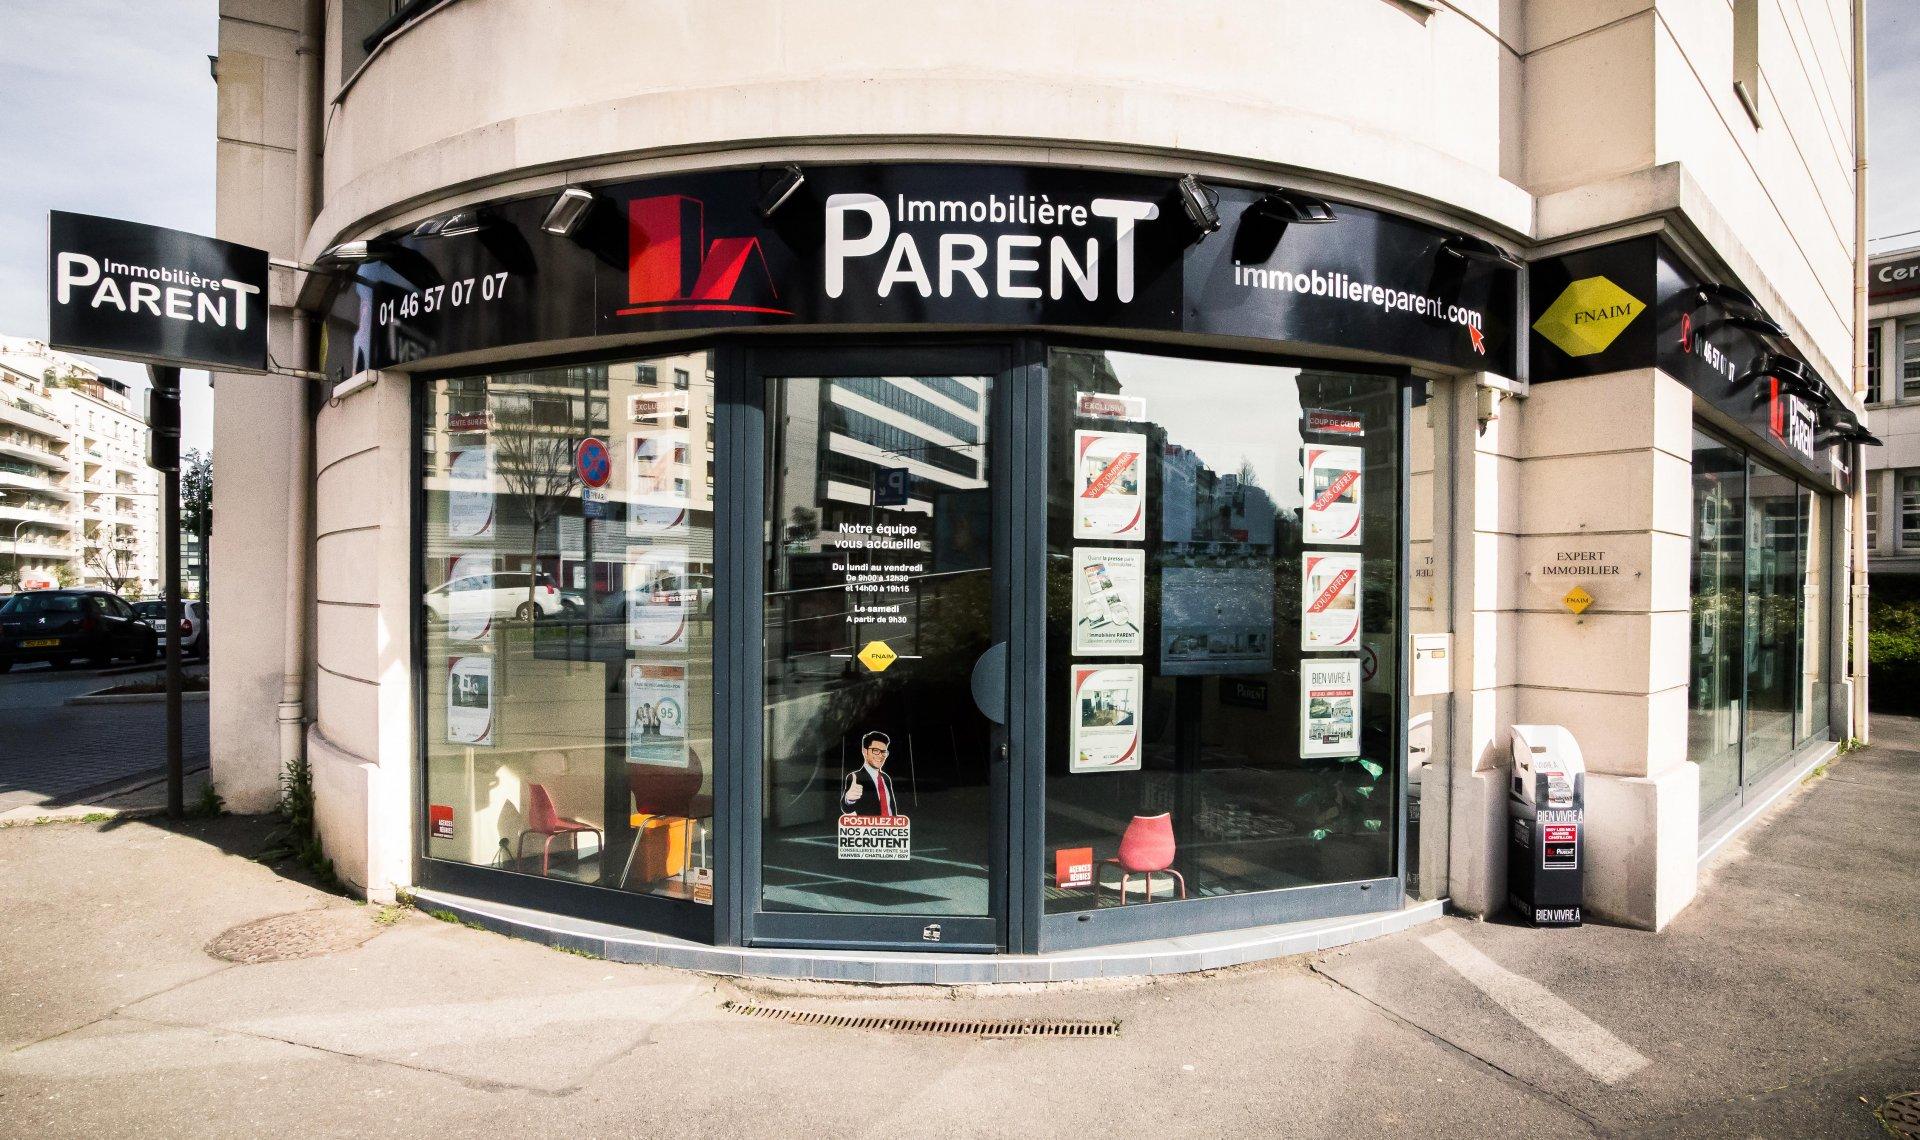 Immobilière Parent Espace Services Immobilier